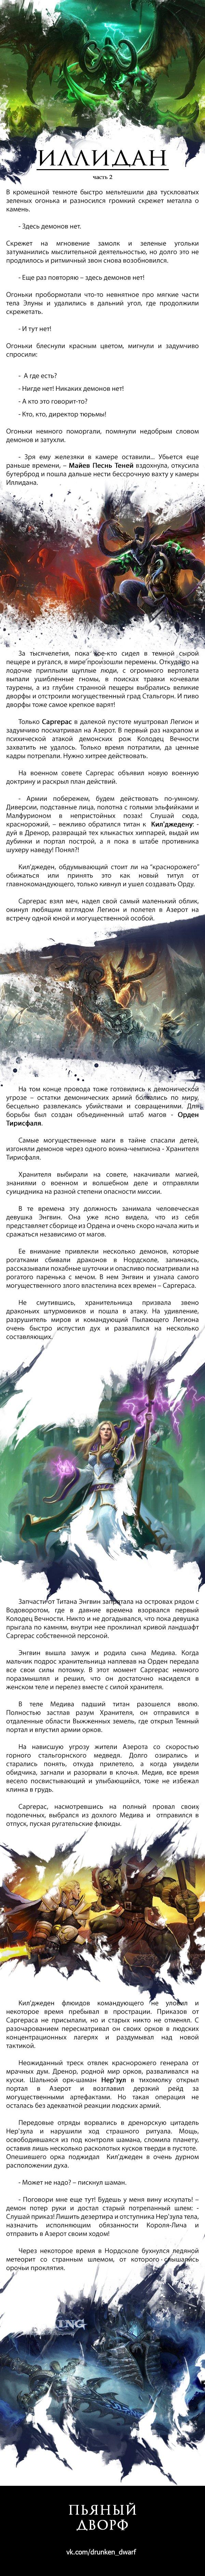 История Иллидана. Часть 2. (записки Пьяного Дворфа) - Изображение 1